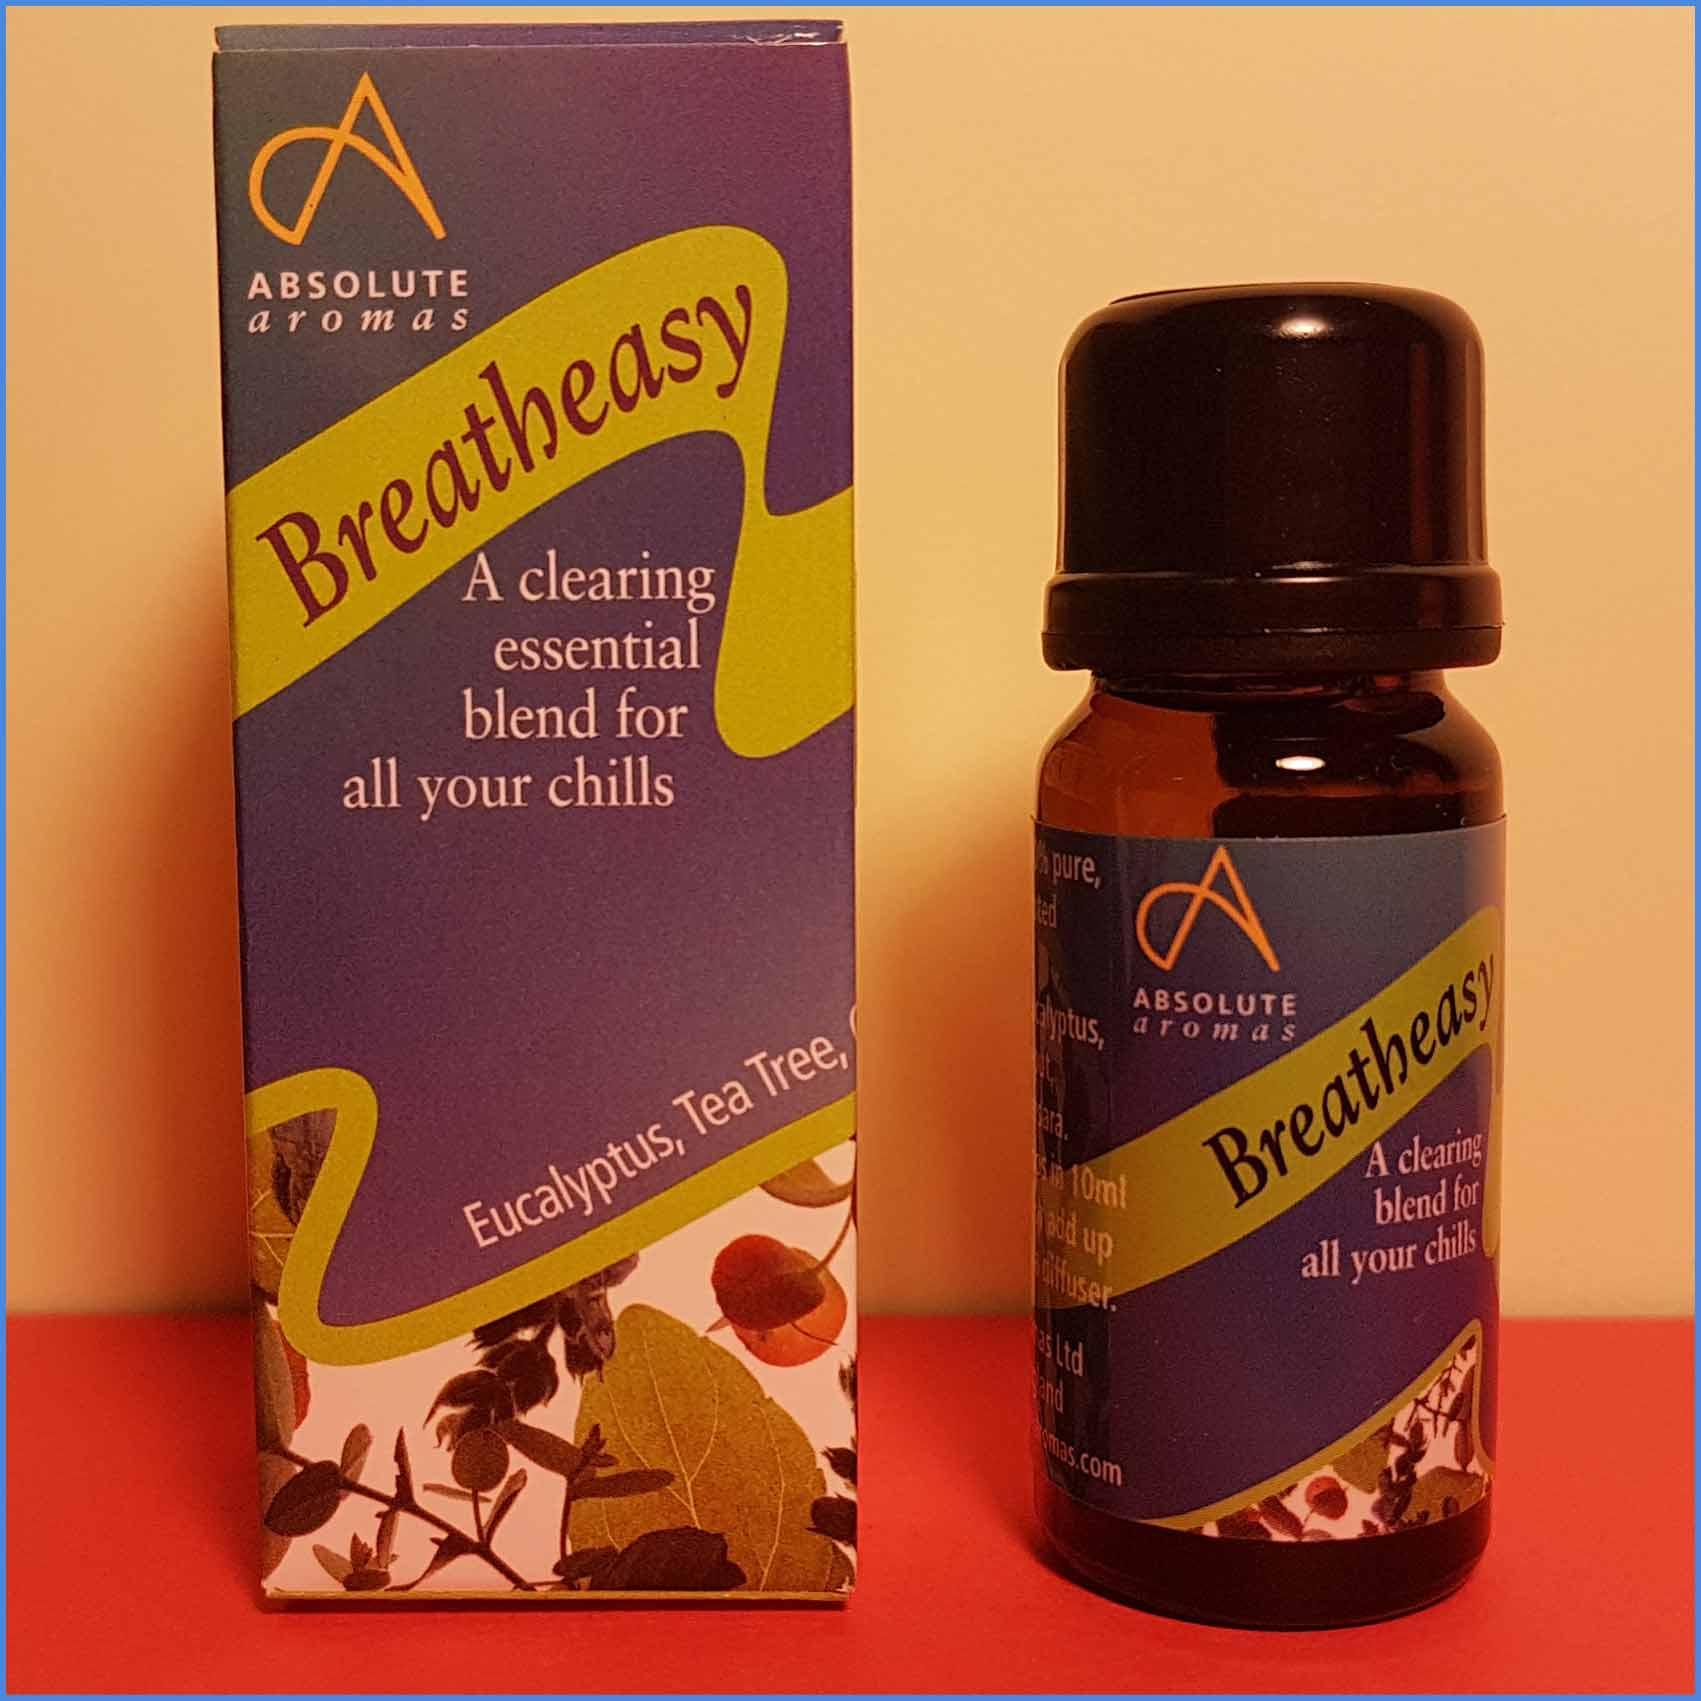 Breatheasy Aromatherapy Blend